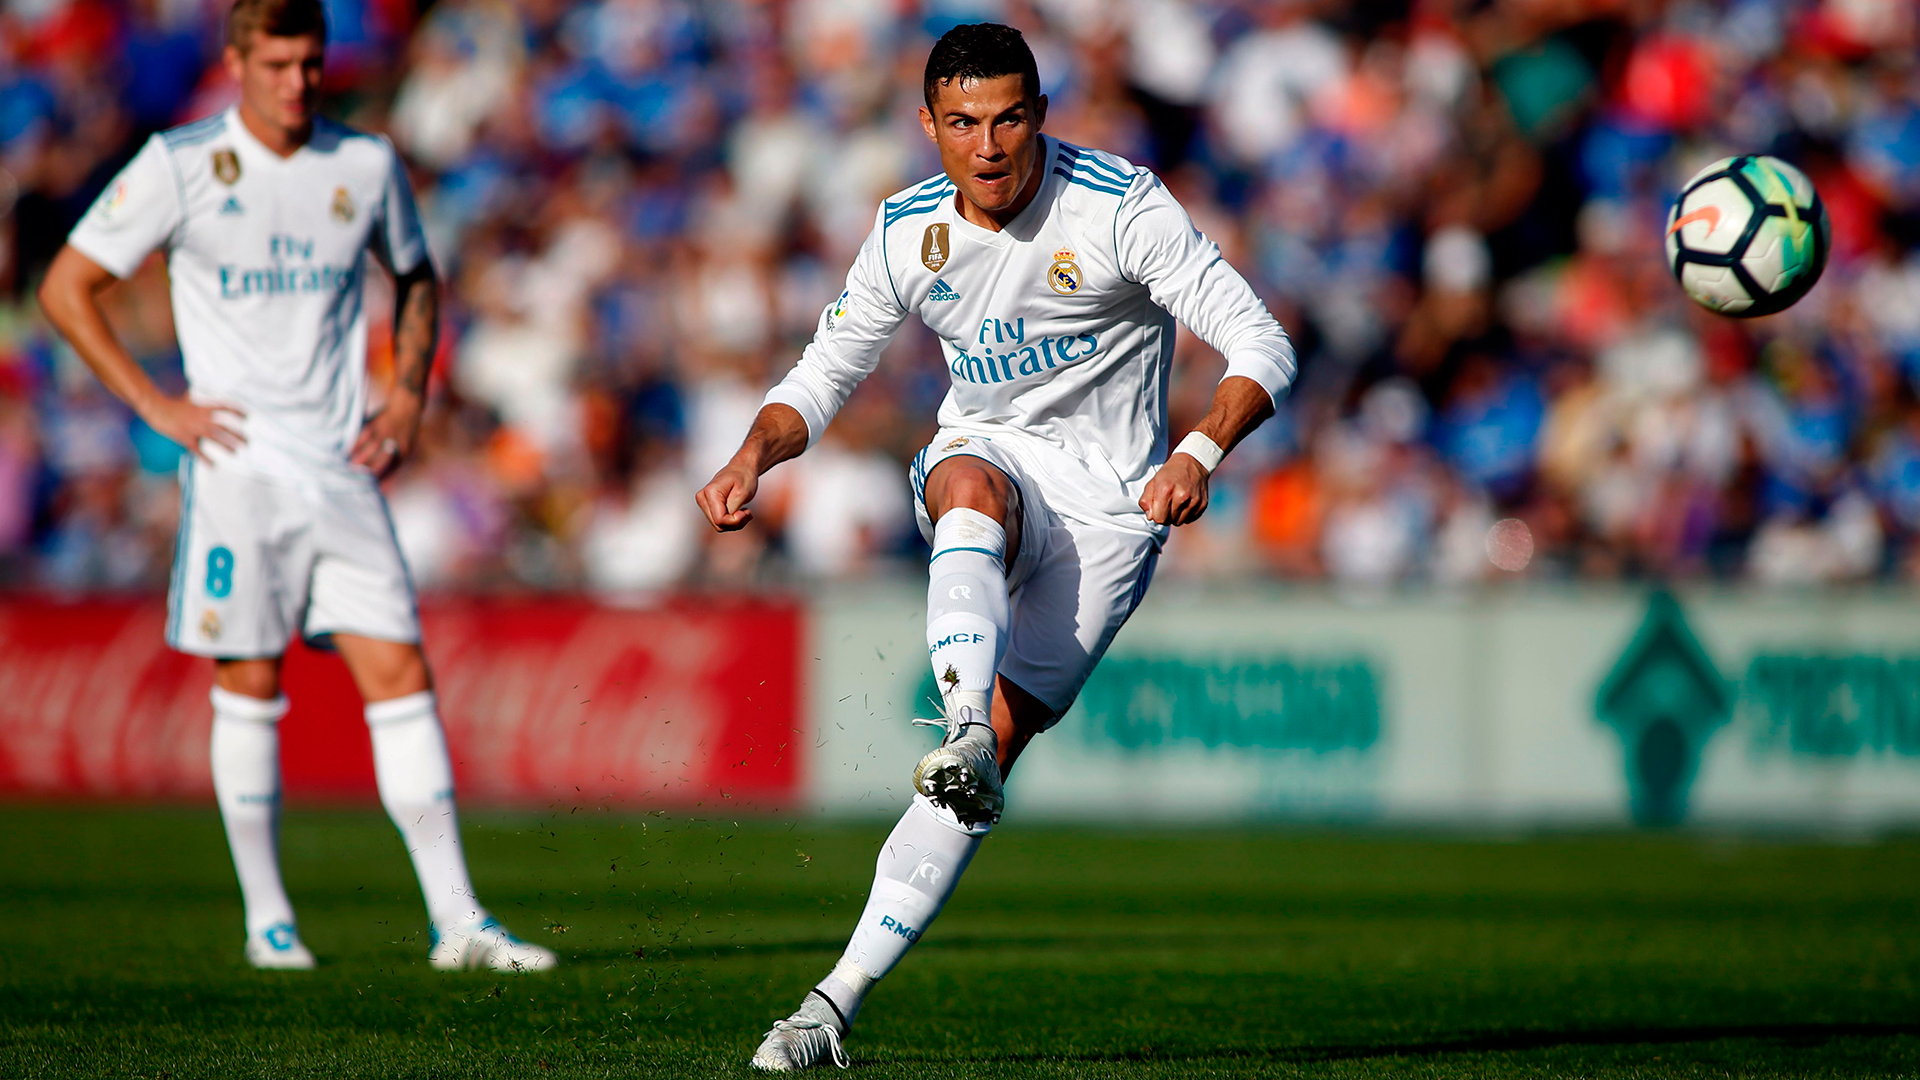 Cristiano Ronaldo - Từ dị nhân đến siêu anh hùng đổi đầu - Bóng Đá